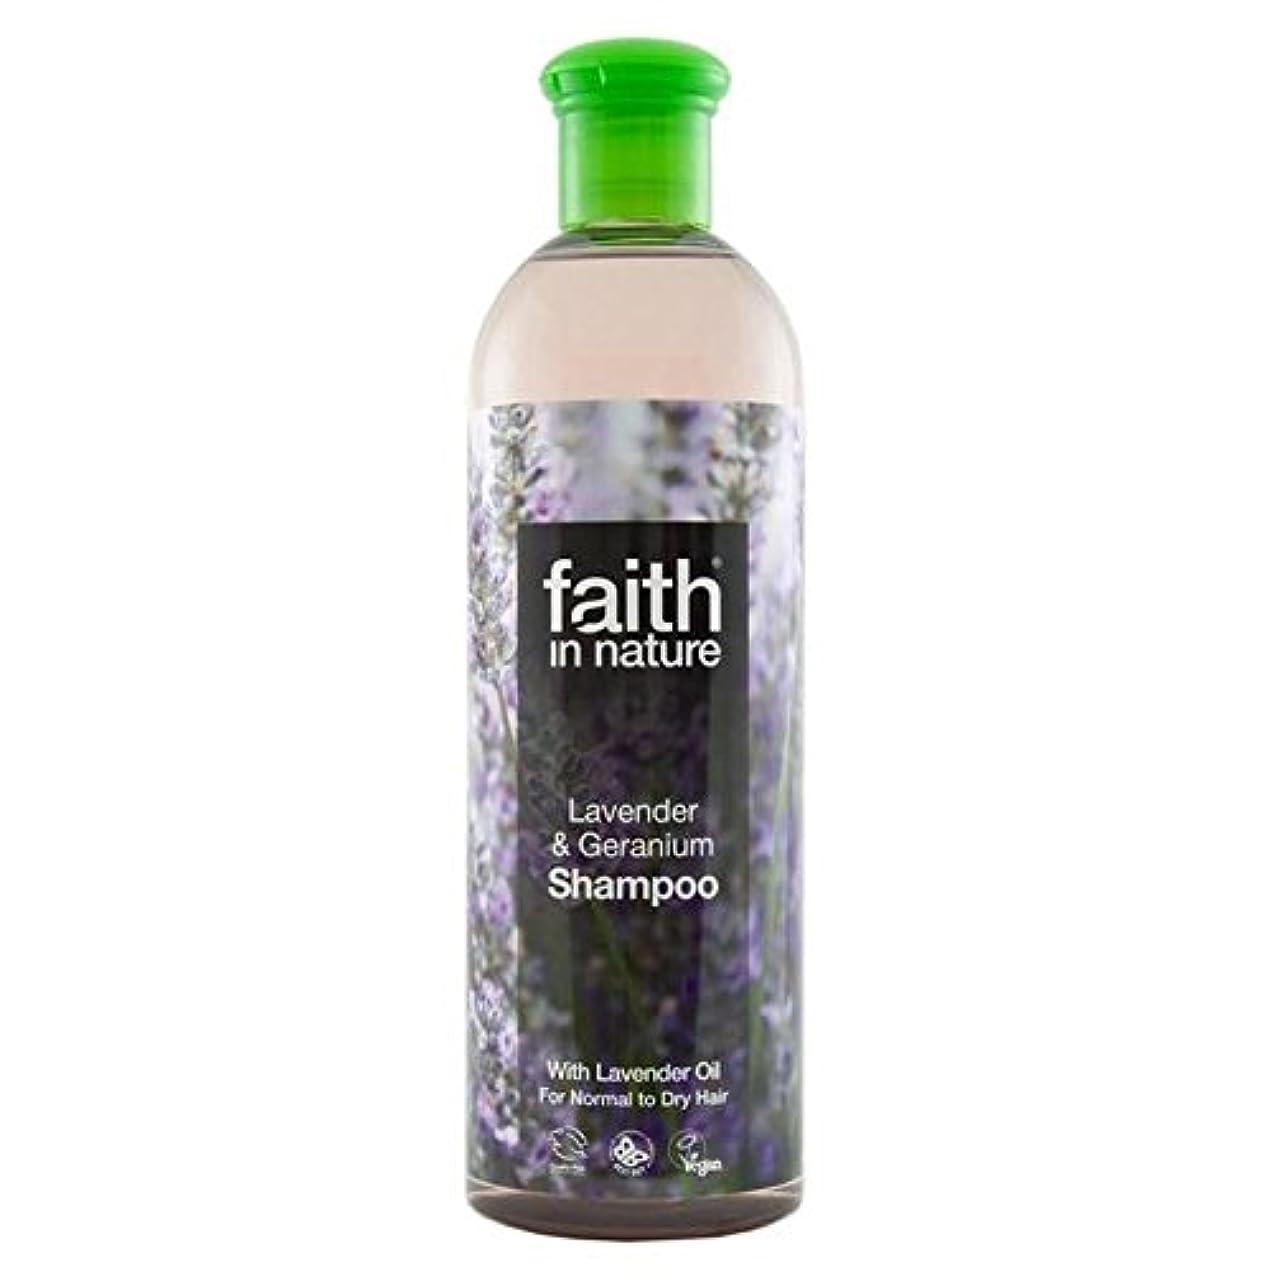 助けになるステンレスに慣れFaith in Nature Lavender & Geranium Shampoo 740ml (Pack of 4) - (Faith In Nature) 自然ラベンダー&ゼラニウムのシャンプー740ミリリットルの信仰 (x4) [並行輸入品]